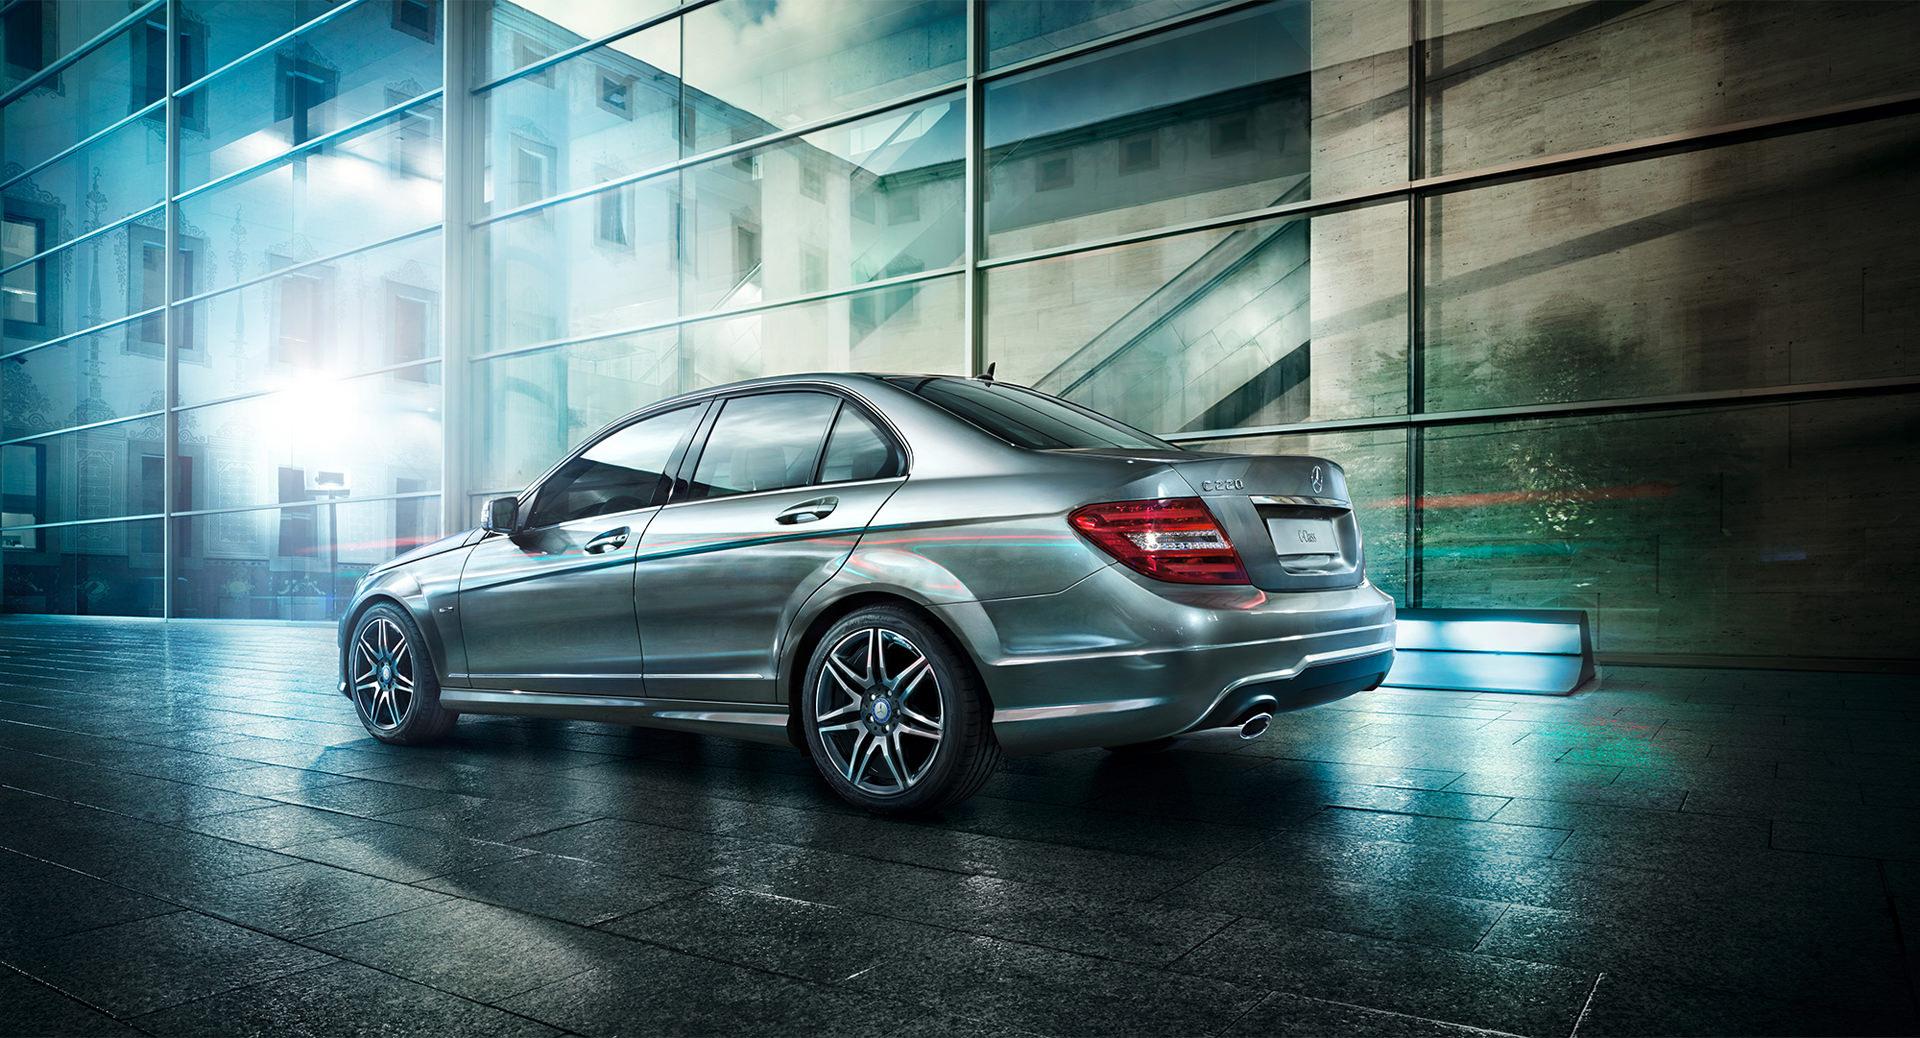 Mercedes-Benz C-Klasse, JvM, anke luckmann, www.ankeluckmann.com, kai tietz, gloss, c class, silver, architecture, business,